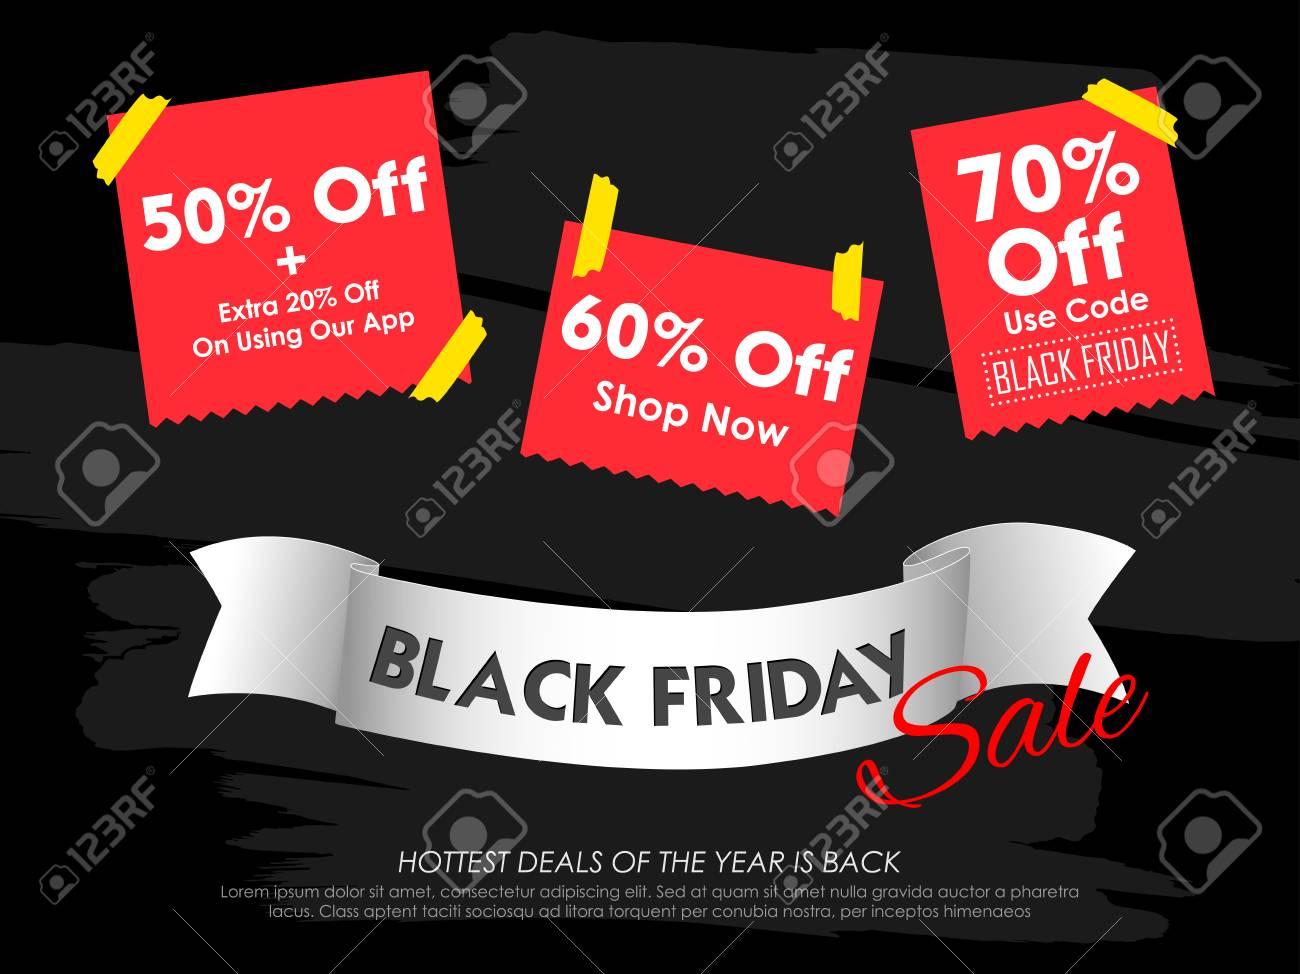 Black Friday Sale Shopping Angebot Und Promotion Hintergrund Am ...